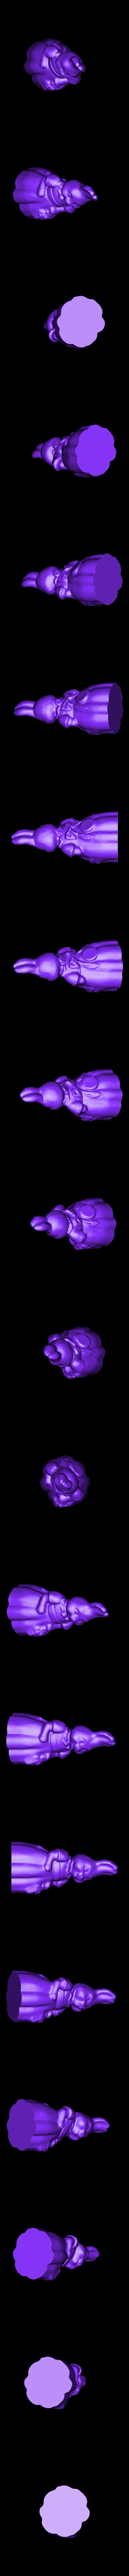 jamiesbunnyblowmold.stl Télécharger fichier STL gratuit Soufflerie de lapin de Pâques • Objet pour imprimante 3D, Hogheads3dPrinting